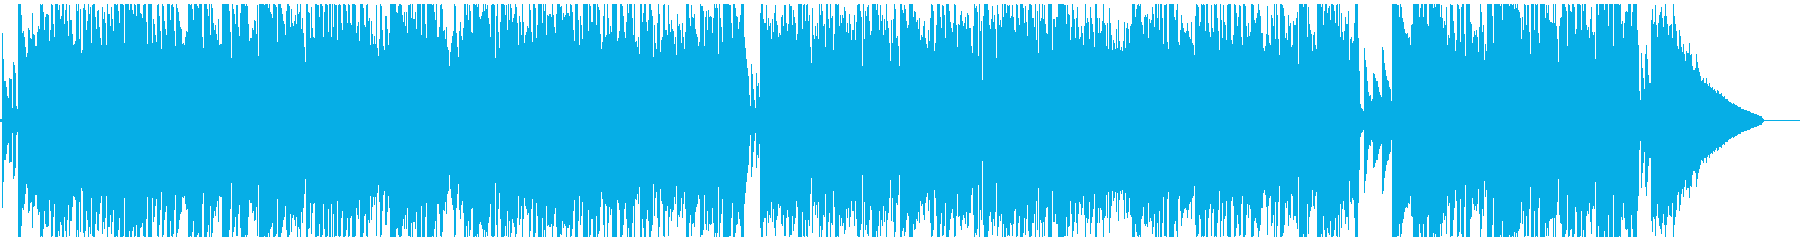 おしゃれな大人のムード漂うジャズBGMの再生済みの波形